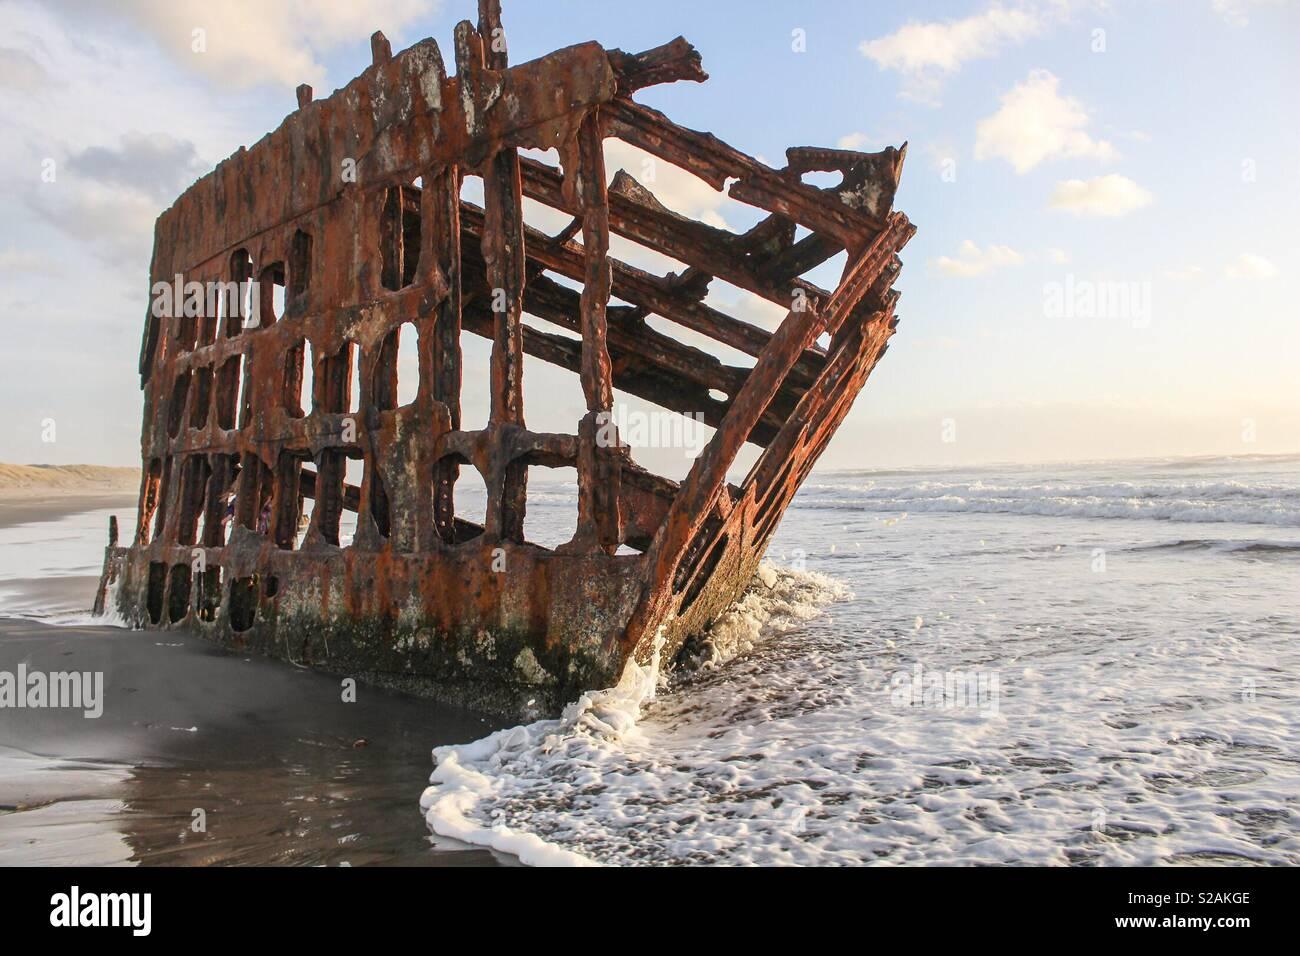 Naufrage sur la côte de l'Oregon Photo Stock